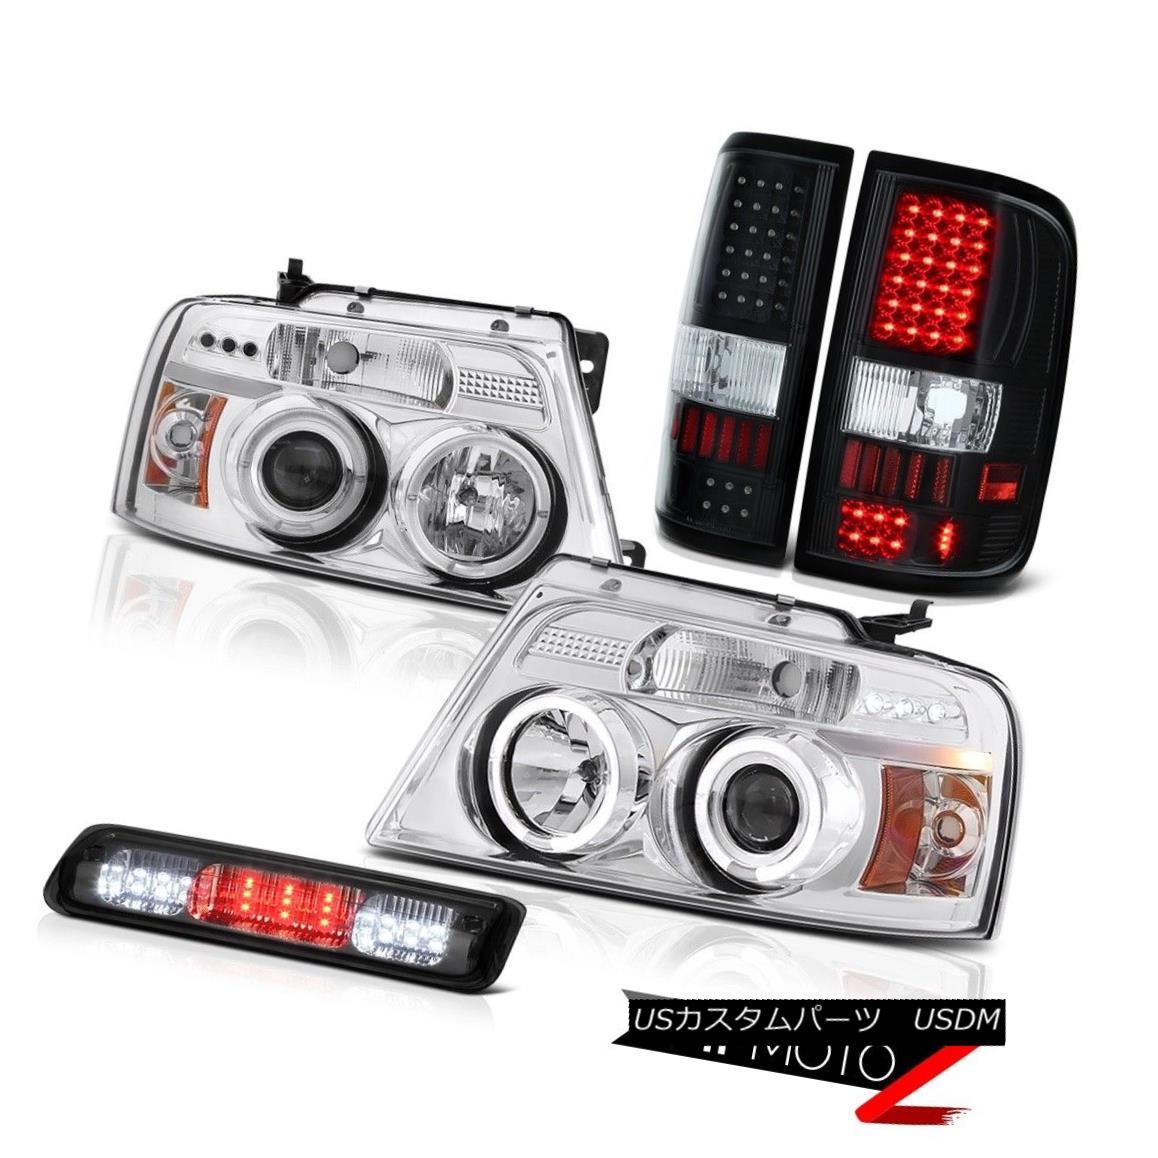 テールライト 04-08 Ford F150 XL Third Brake Light Inky Black Parking Lights Headlights LED 04-08 Ford F150 XL第3ブレーキライトインキブラックパーキングライトヘッドライトLED